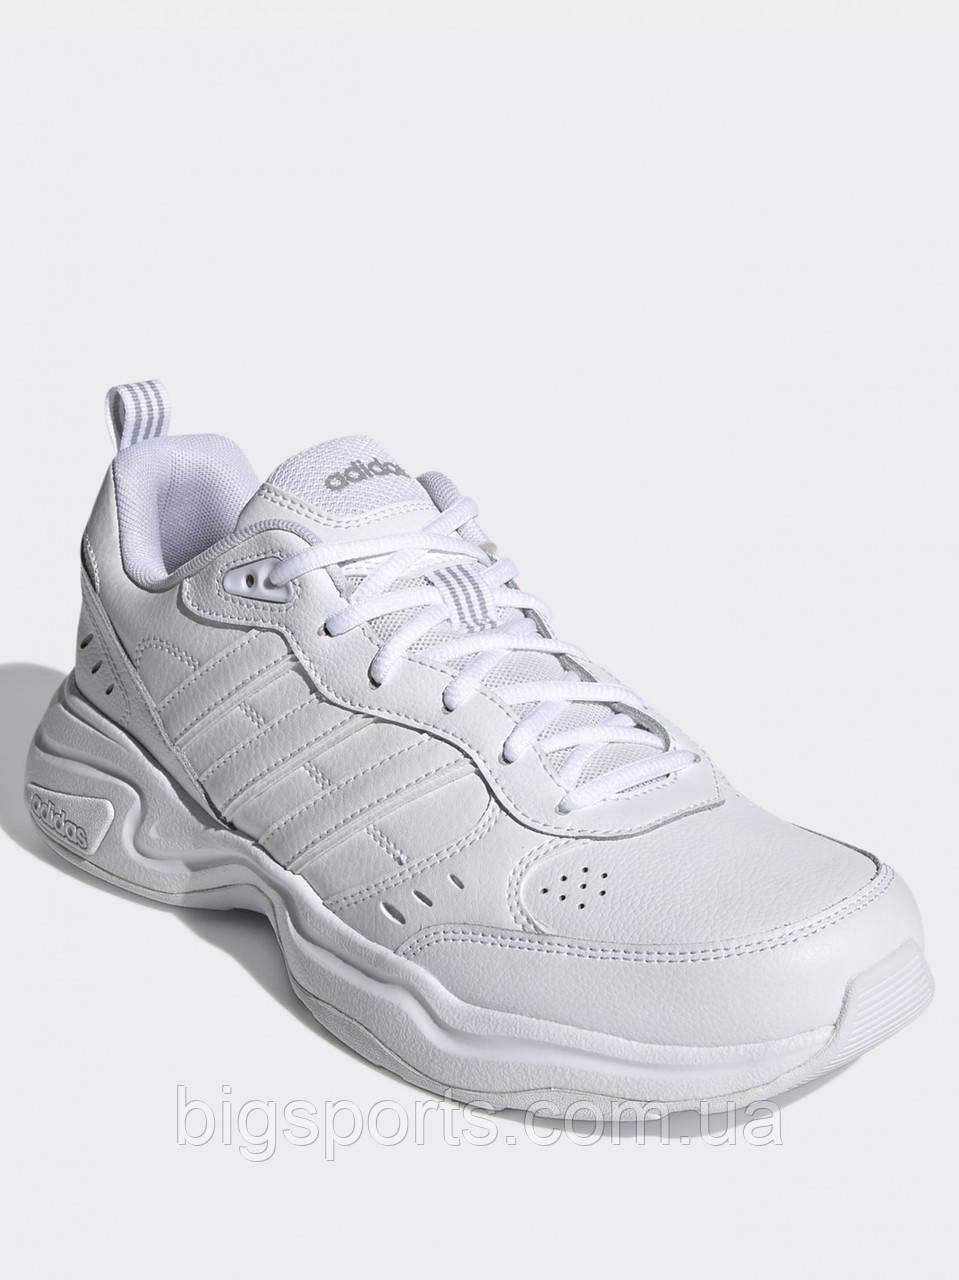 Кроссовки муж. Adidas Strutter (арт. FY8131)